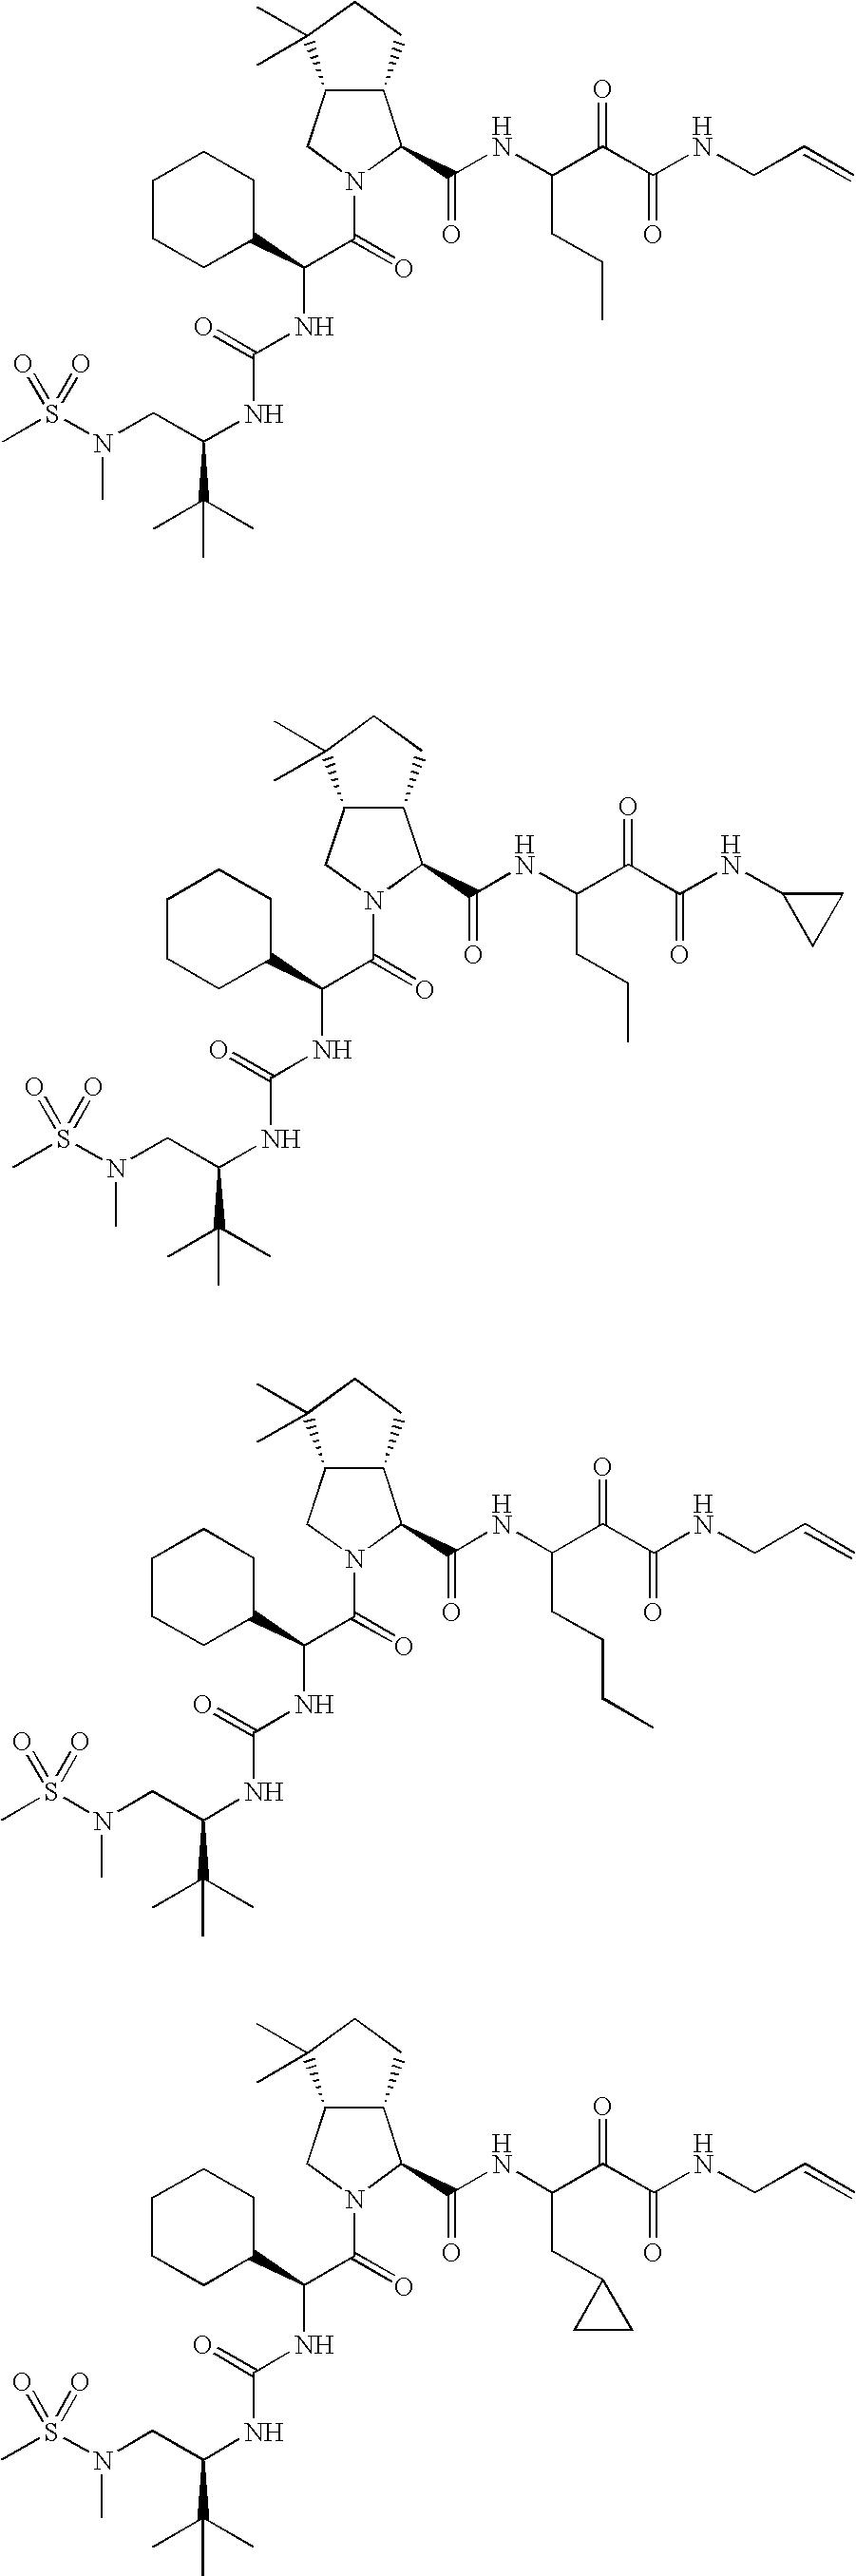 Figure US20060287248A1-20061221-C00517